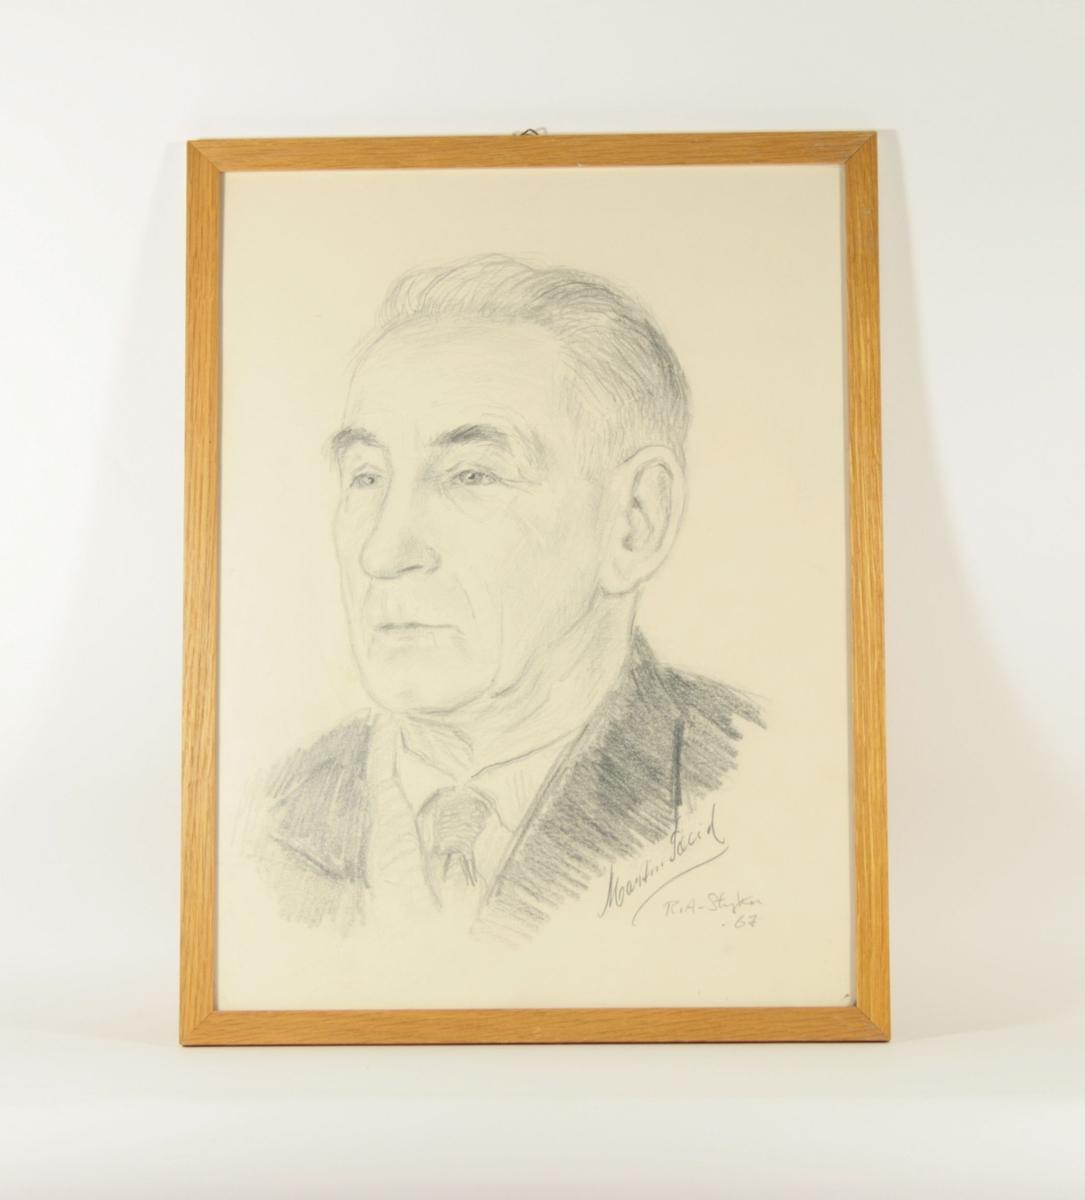 Portrett-tegning av mann i delvis profil med hodet vendt lett mot venstre, bakoverkjemmet hår. Kledt i skjorte med mørkt slips og mørk jakke med slag.